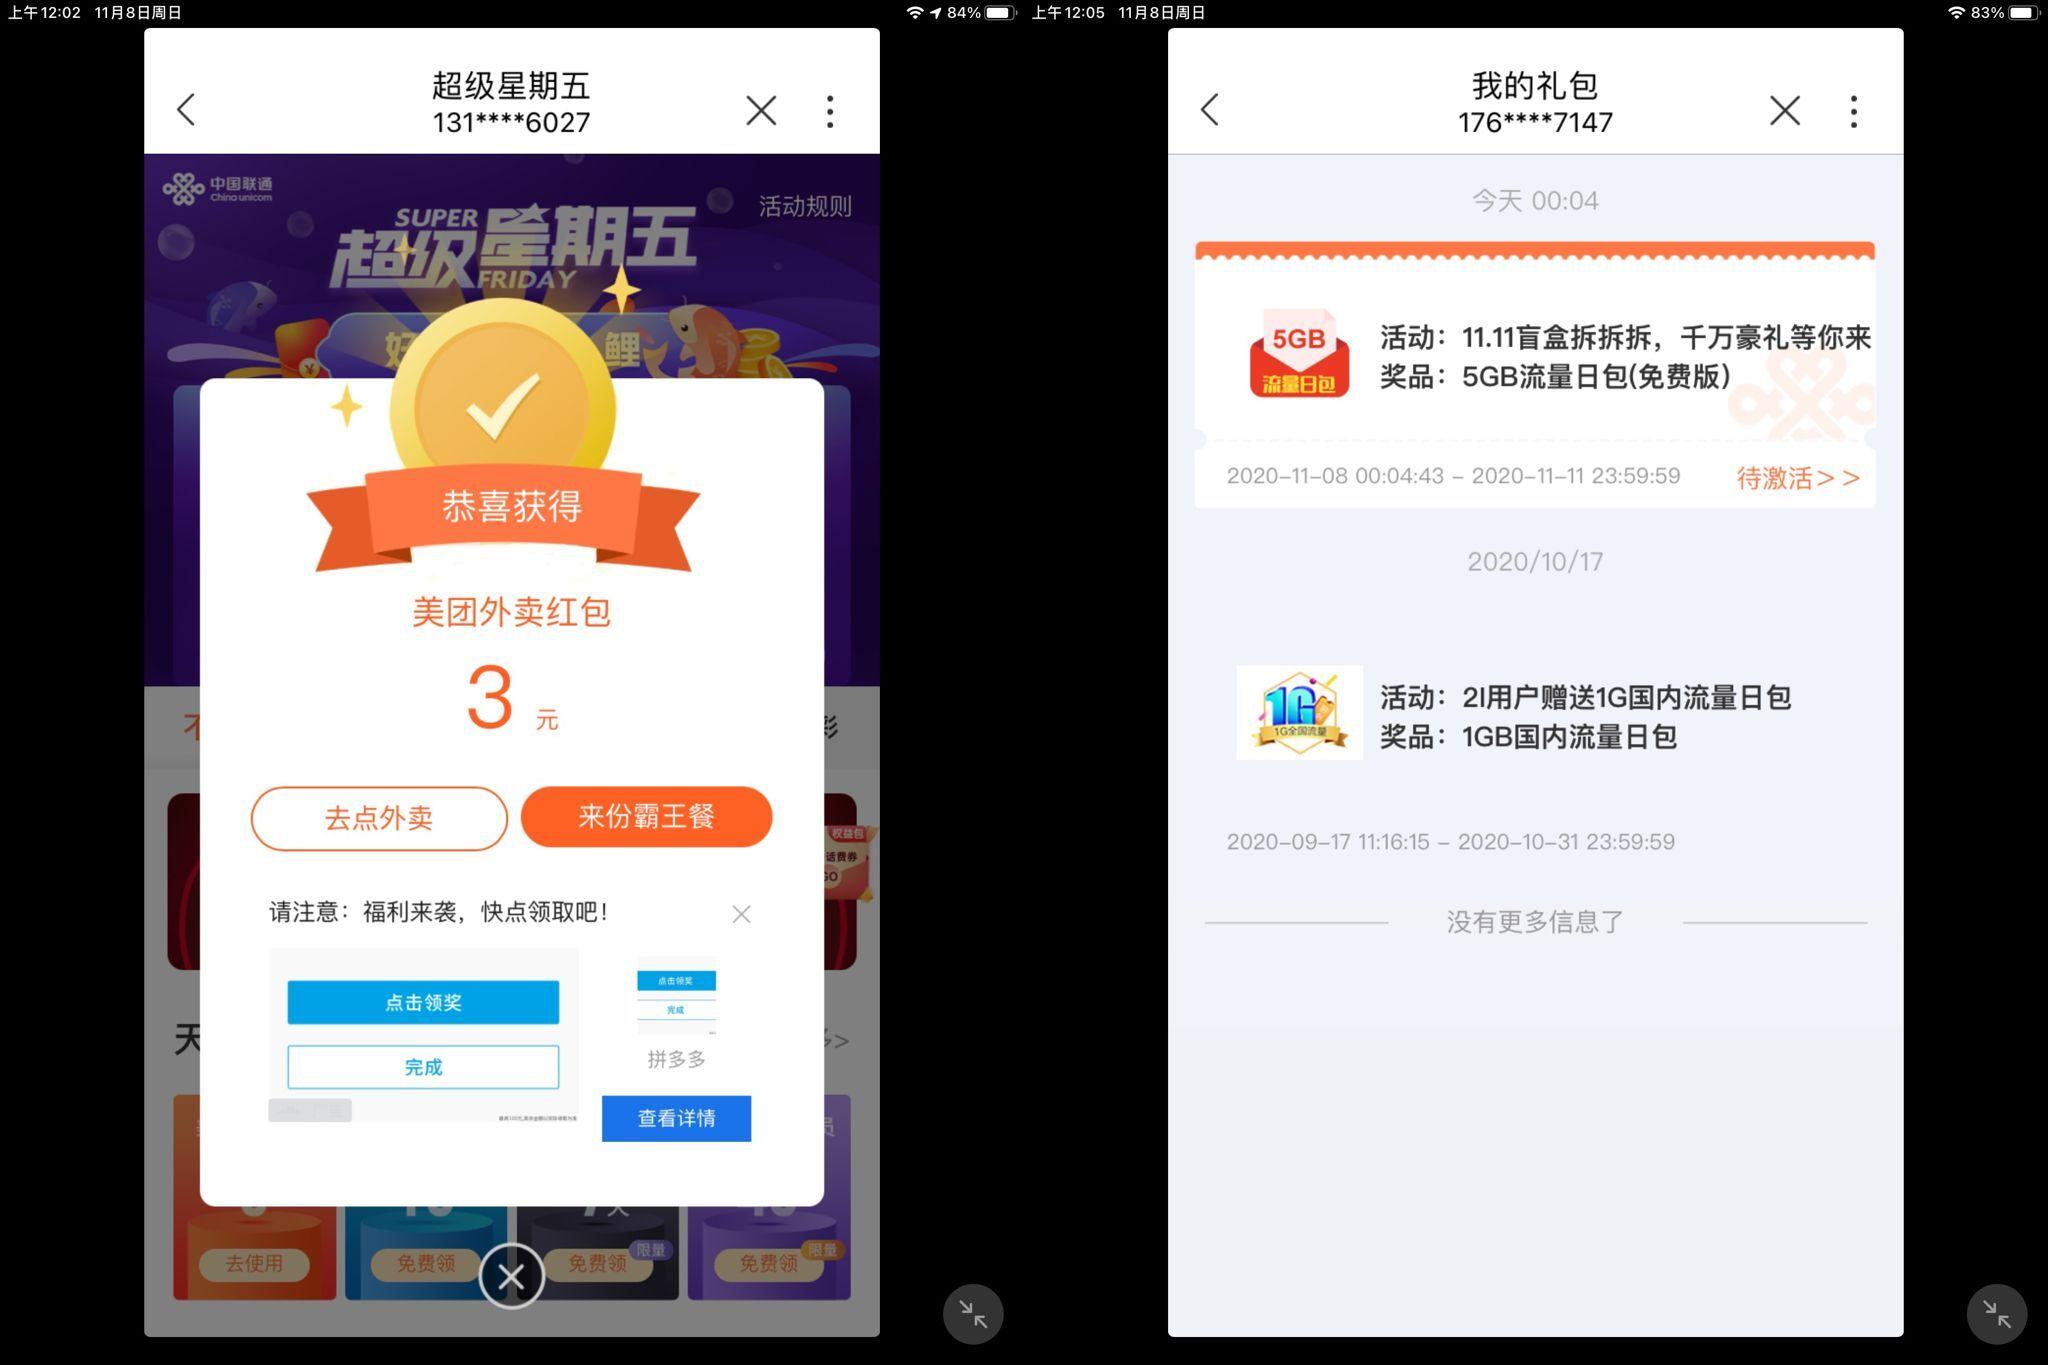 中国联通手机用户拆盲盒抽话费,语音包,视频会员